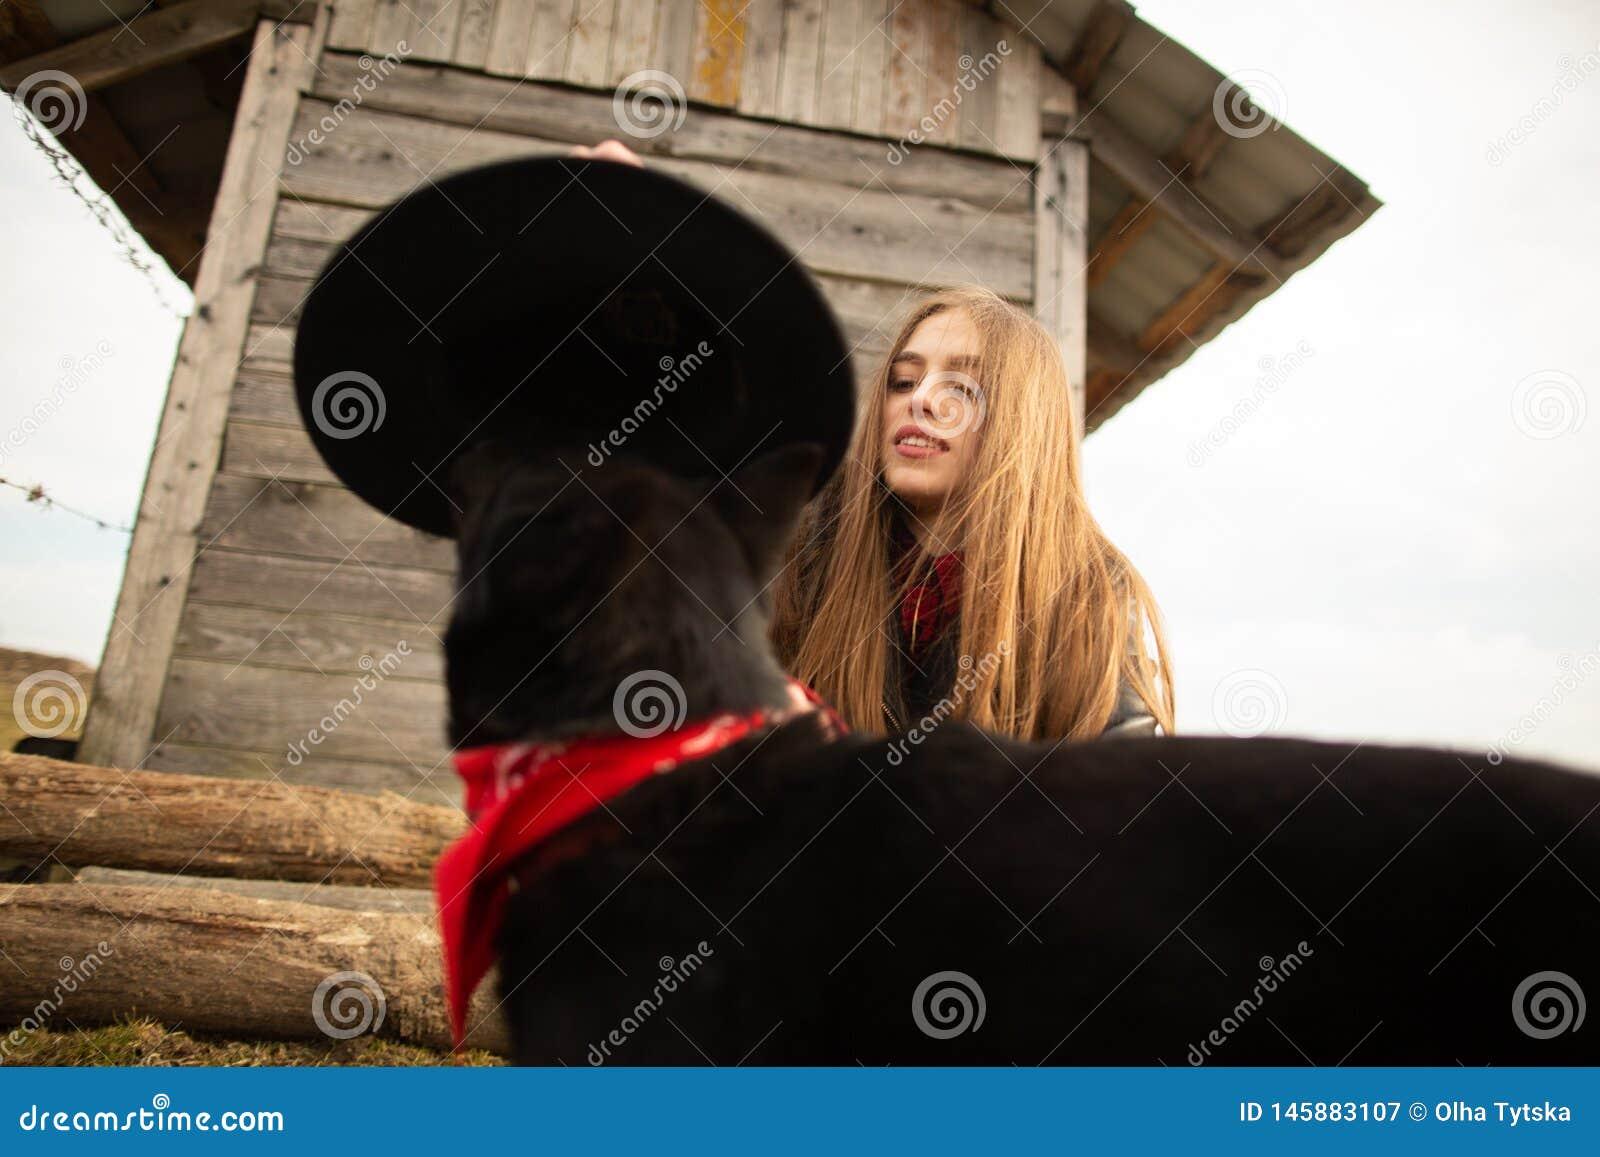 Ευτυχές νέο γυναικών με το μαύρο σκυλί της στο fron του παλαιού ξύλινου σπιτιού Το κορίτσι δοκιμάζει ένα καπέλο στο σκυλί της